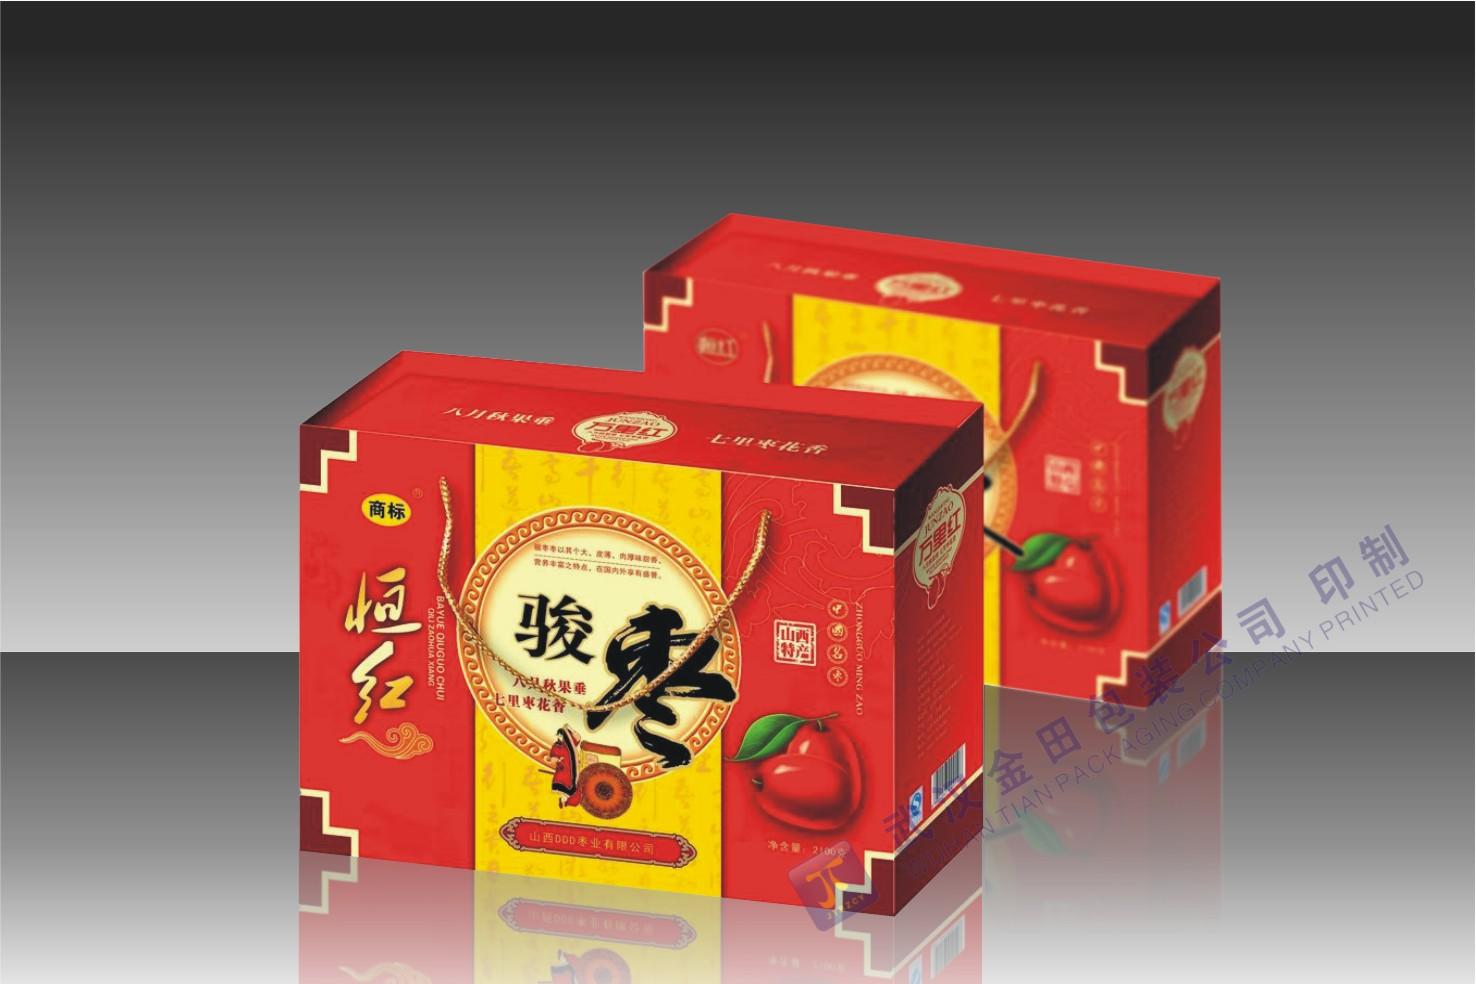 武汉礼品包装盒,武汉食品礼盒包装,武汉红酒礼盒包装